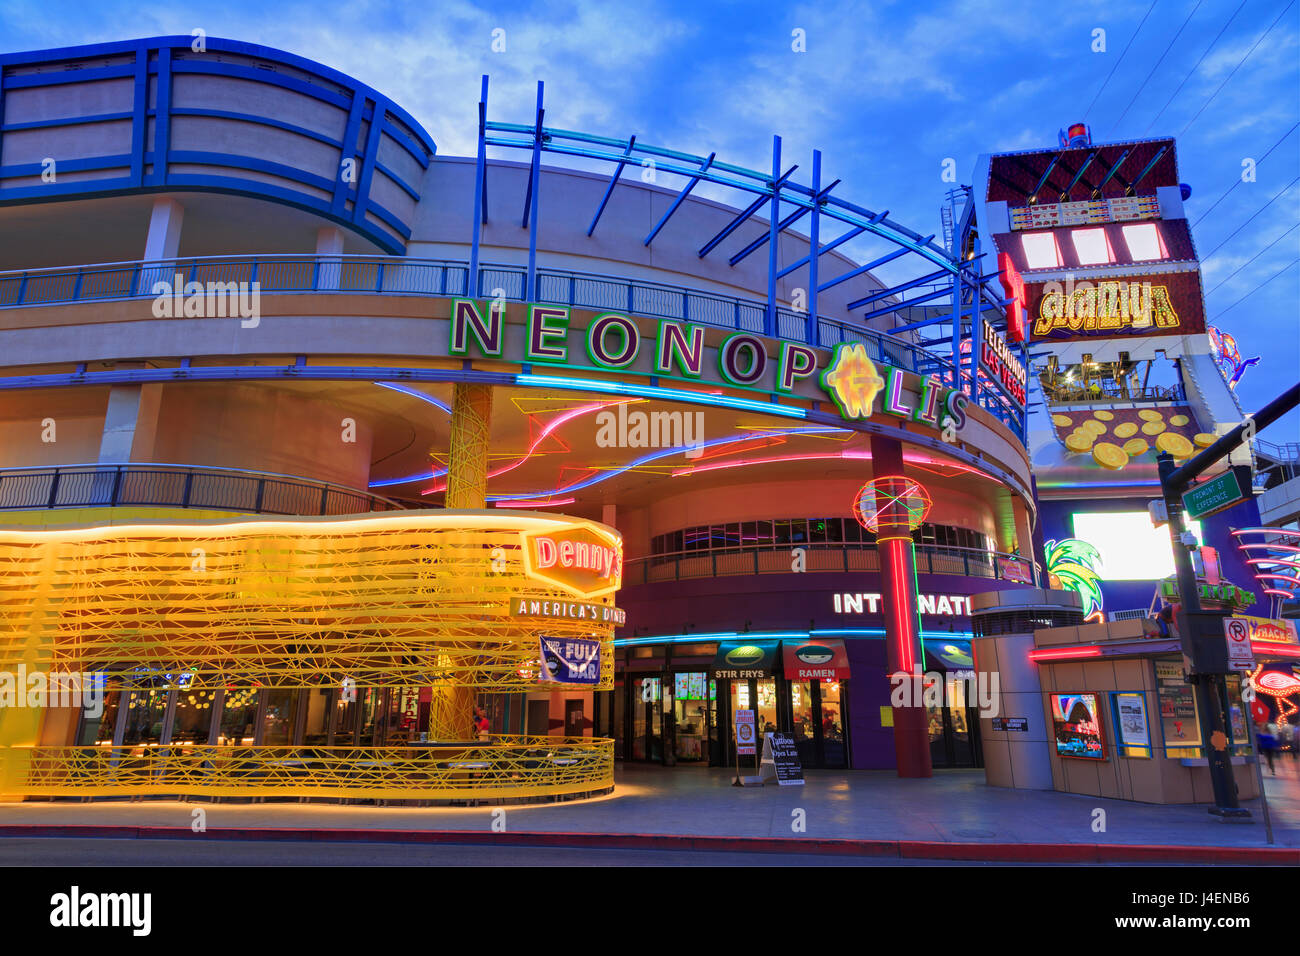 Neonopolis, Fremont Street, Las Vegas, Nevada, Estados Unidos de América, América del Norte Imagen De Stock